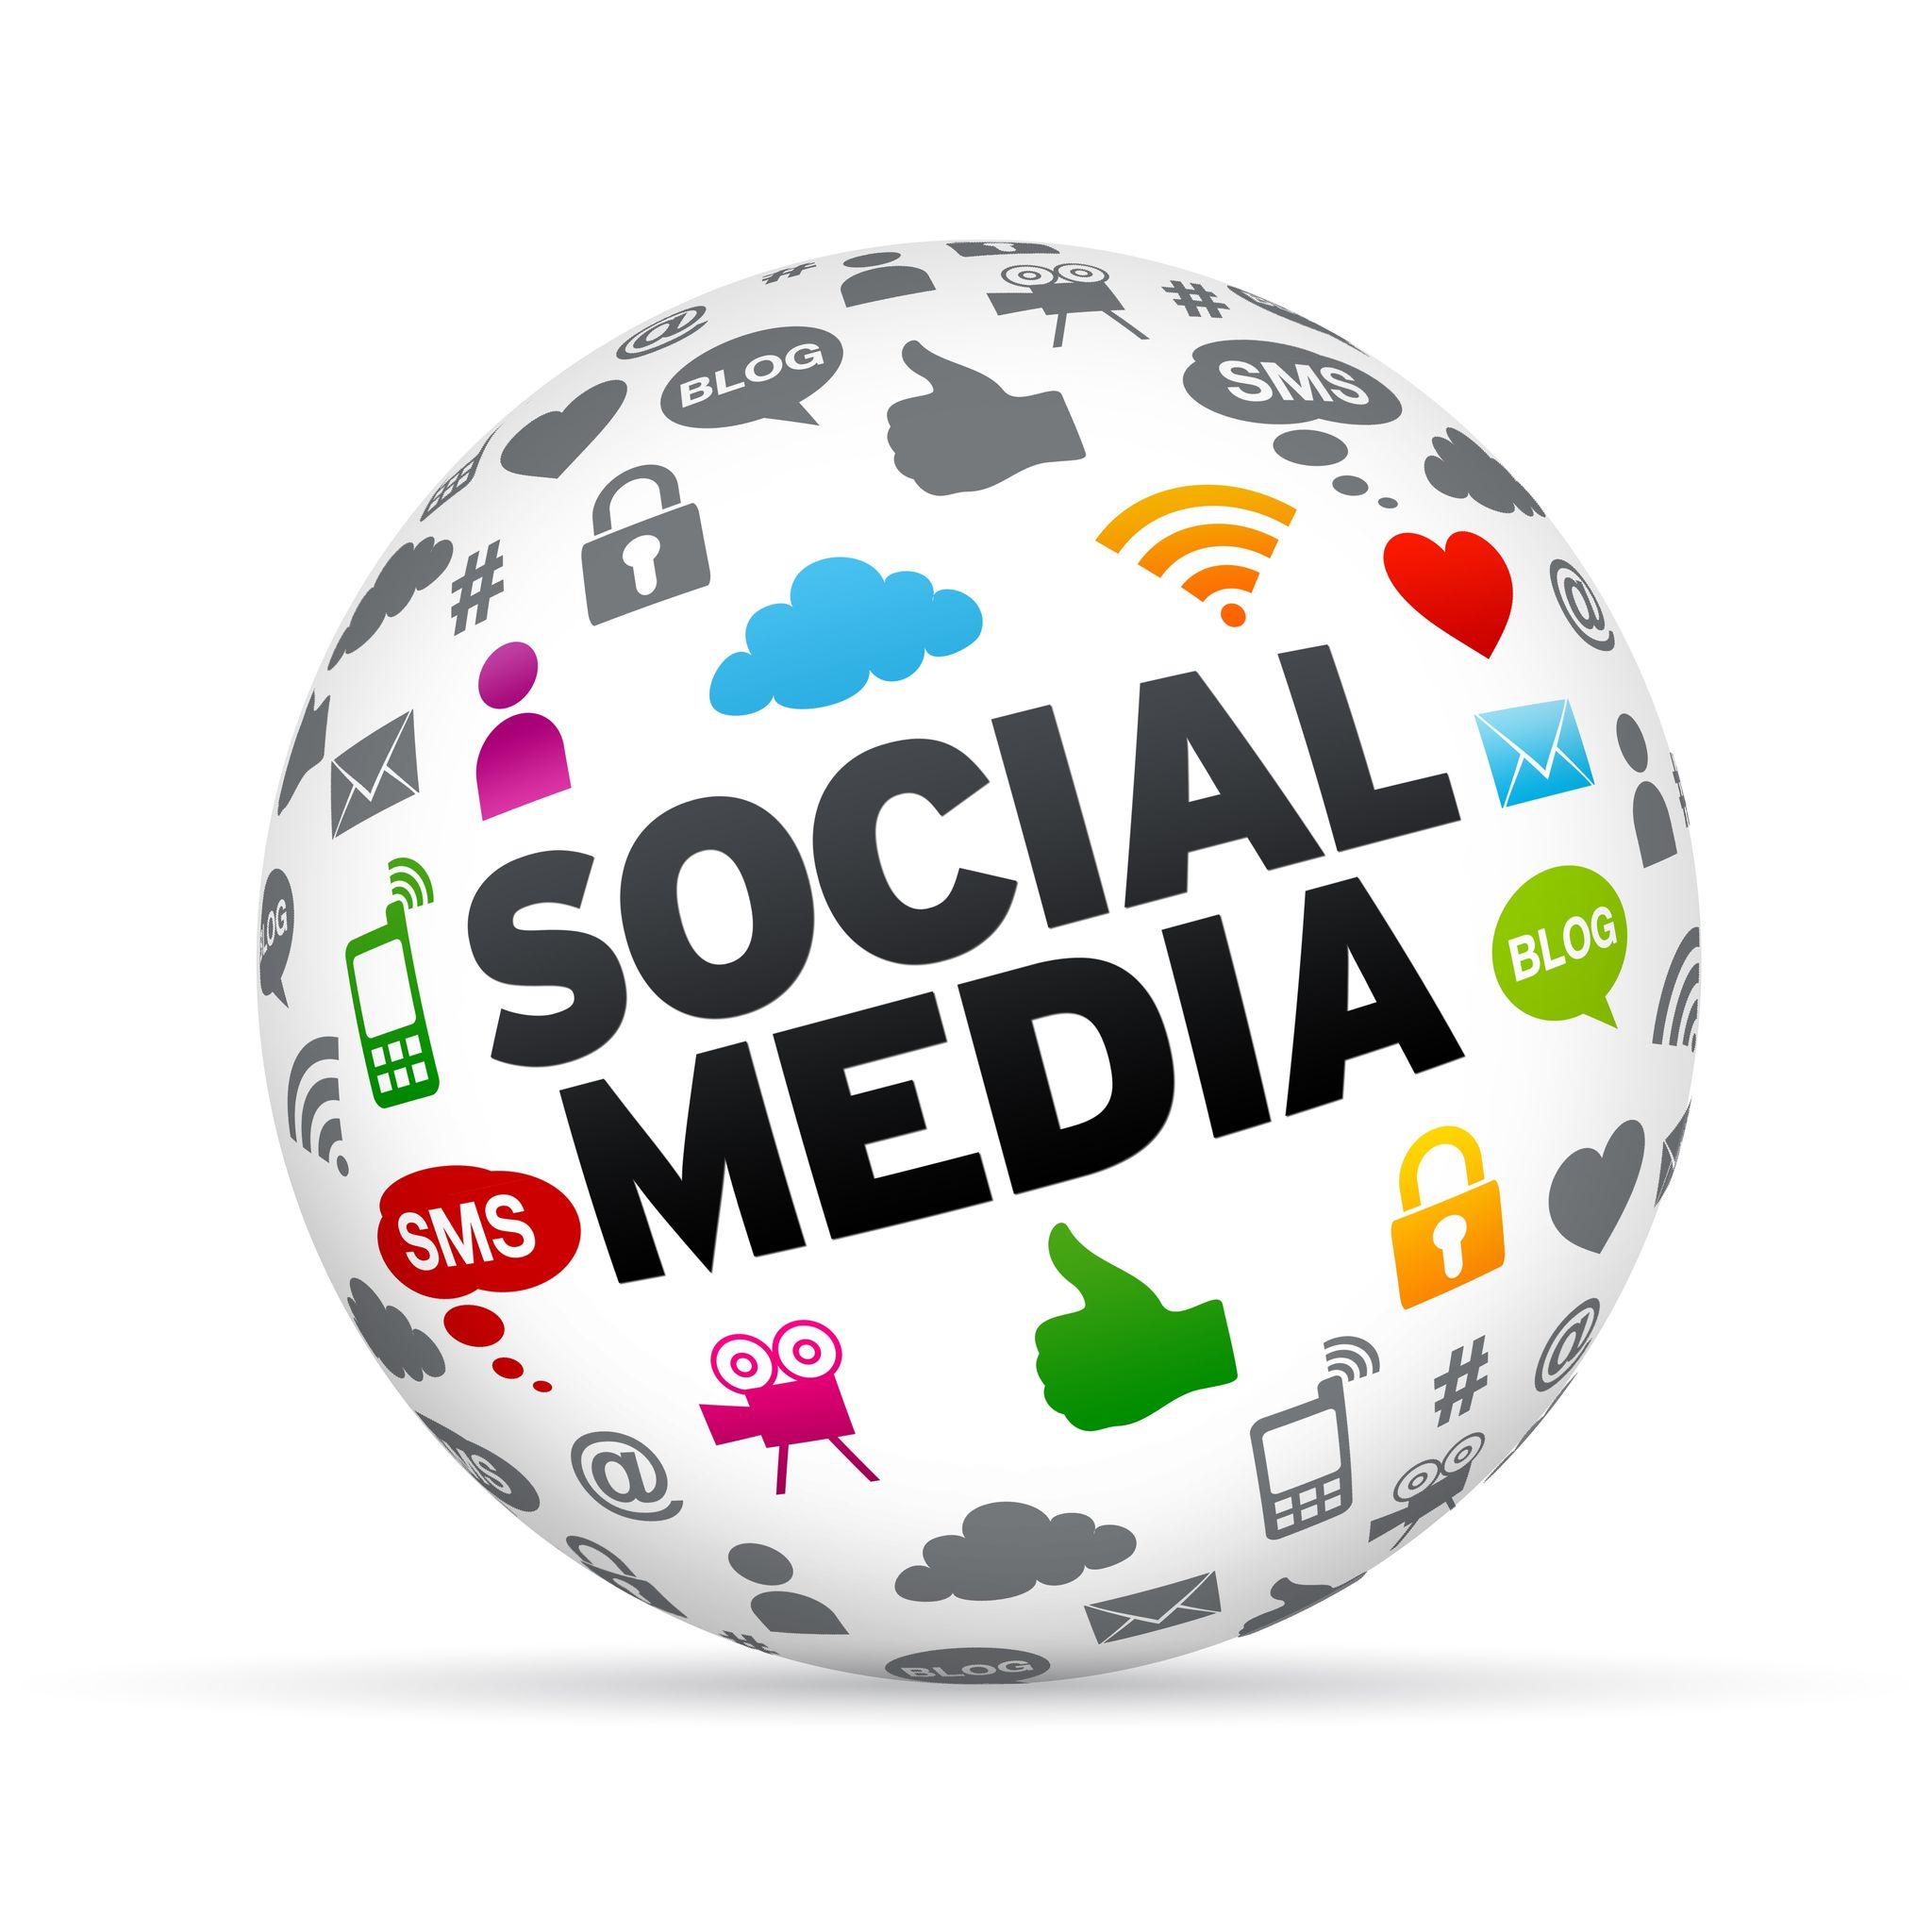 social-networking-etiquette